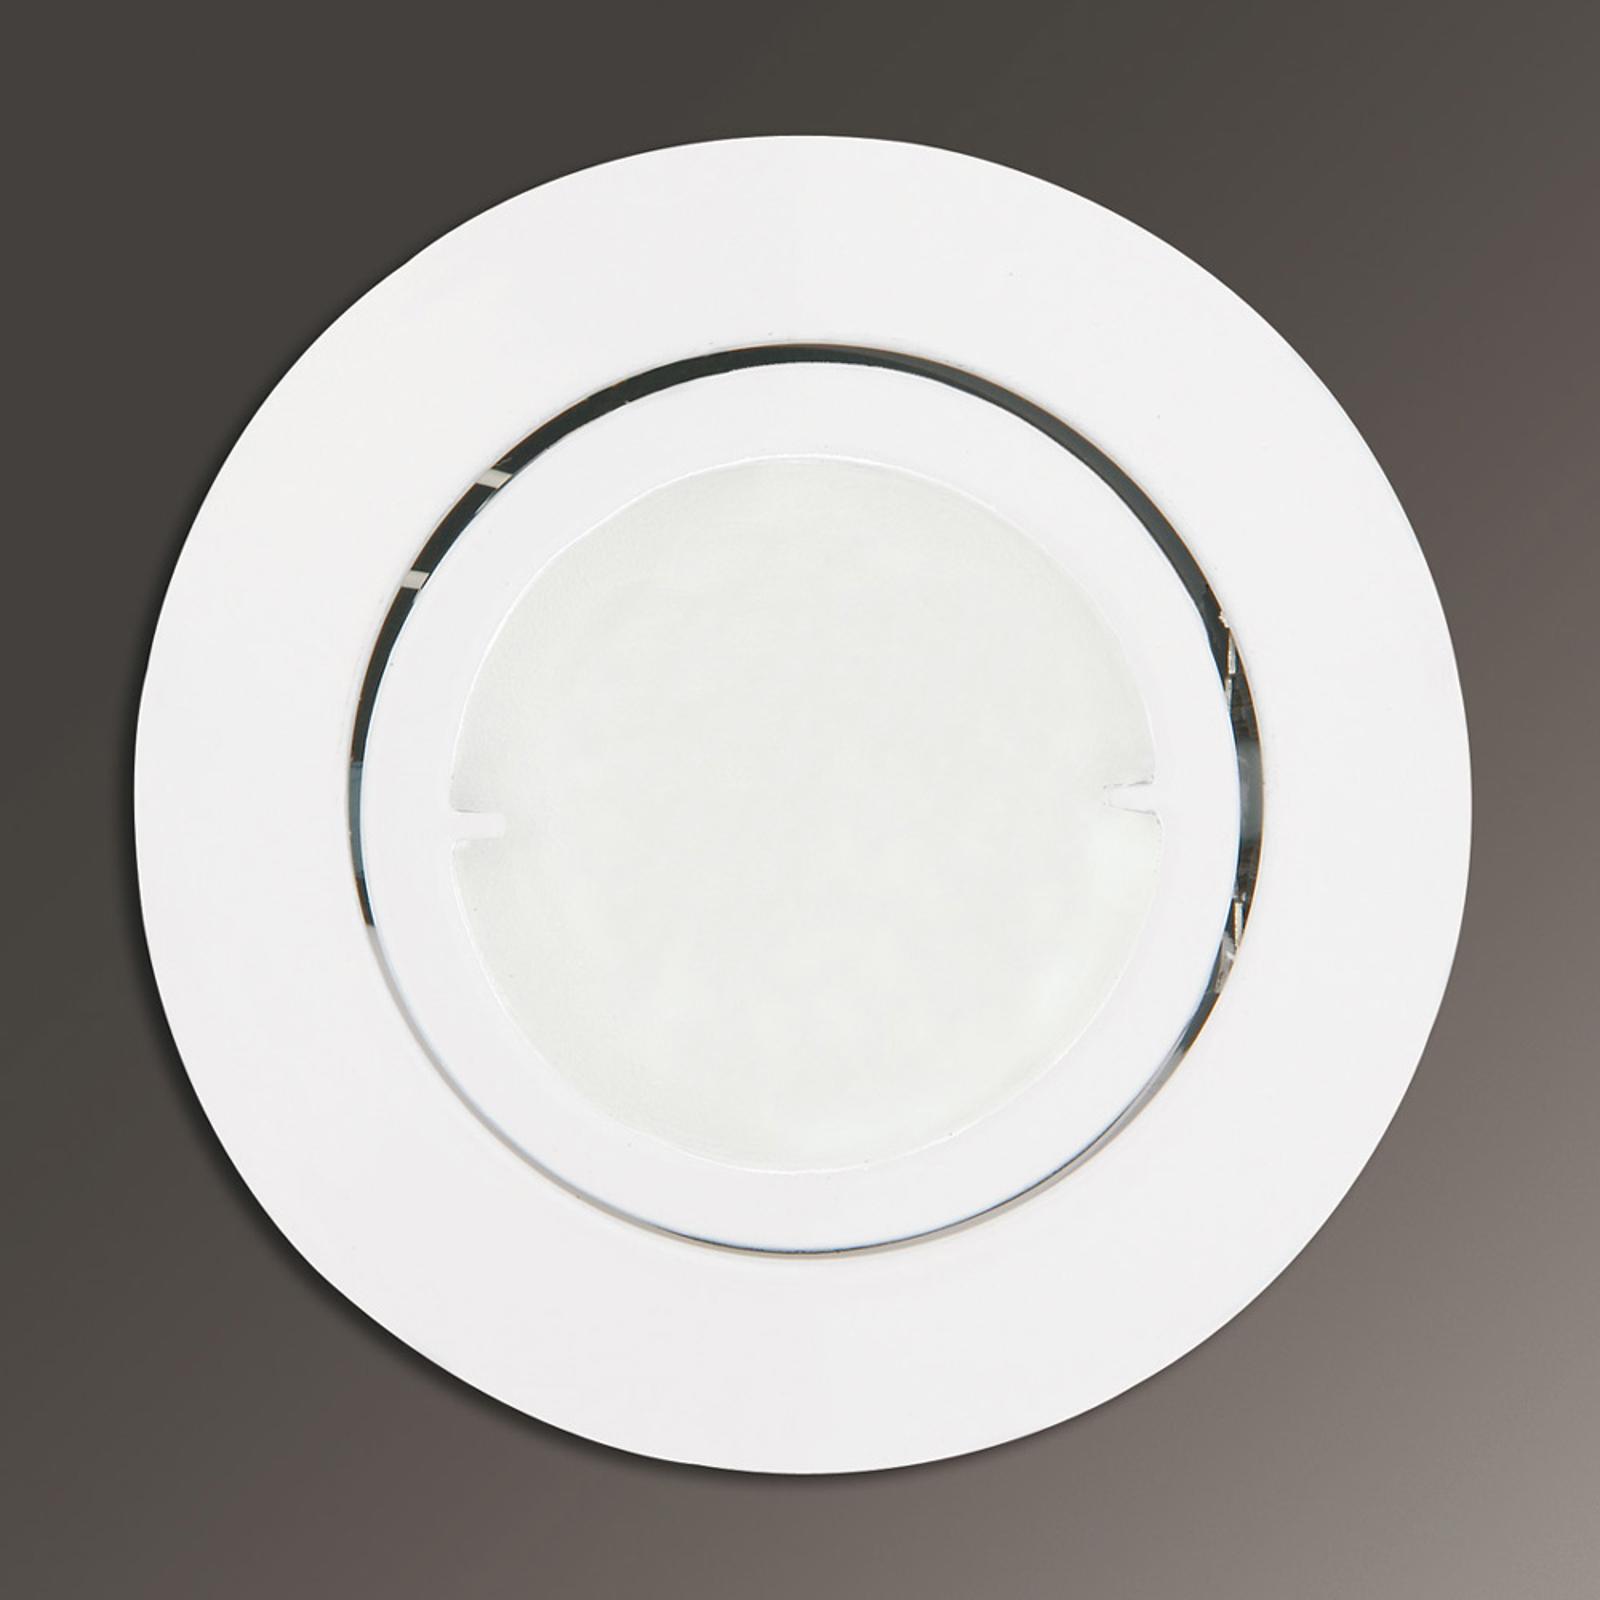 Joanie zapustené LED svetlo v bielej, okrúhle_1524121_1